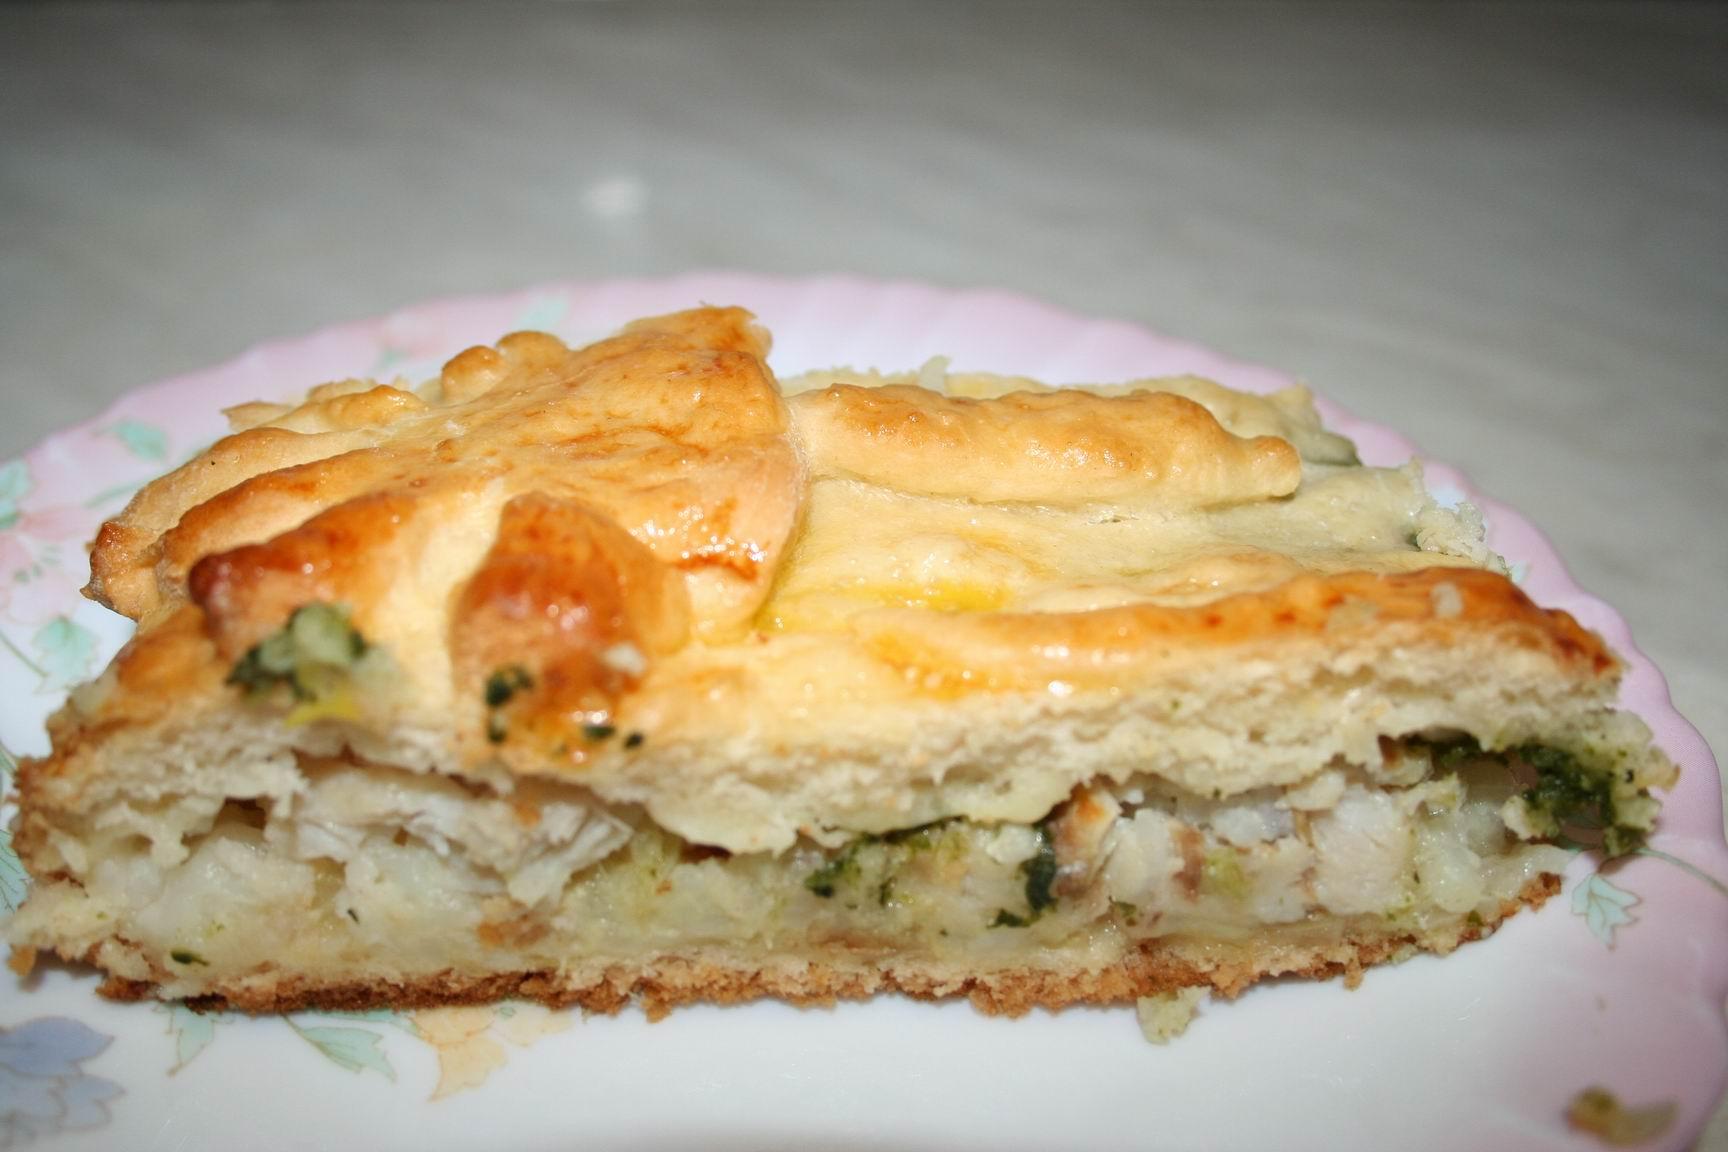 постный рыбный пирог рецепт с фото двух слоев, где